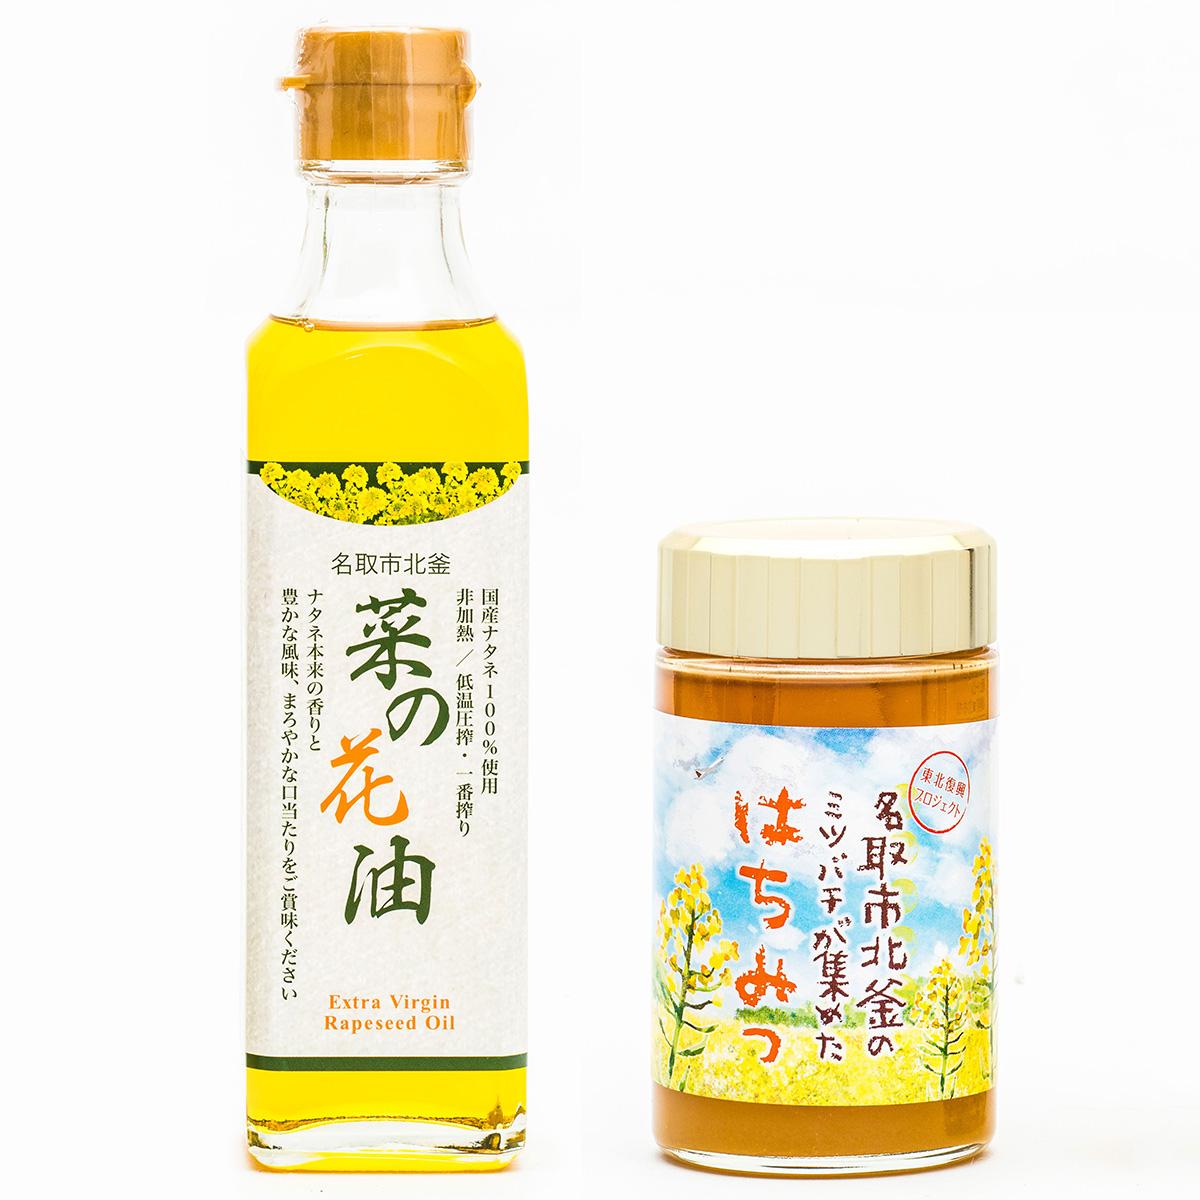 【ふるさと納税】今年採蜜数量限定!名取市北釜のナタネ油1本とはちみつ1本のセット